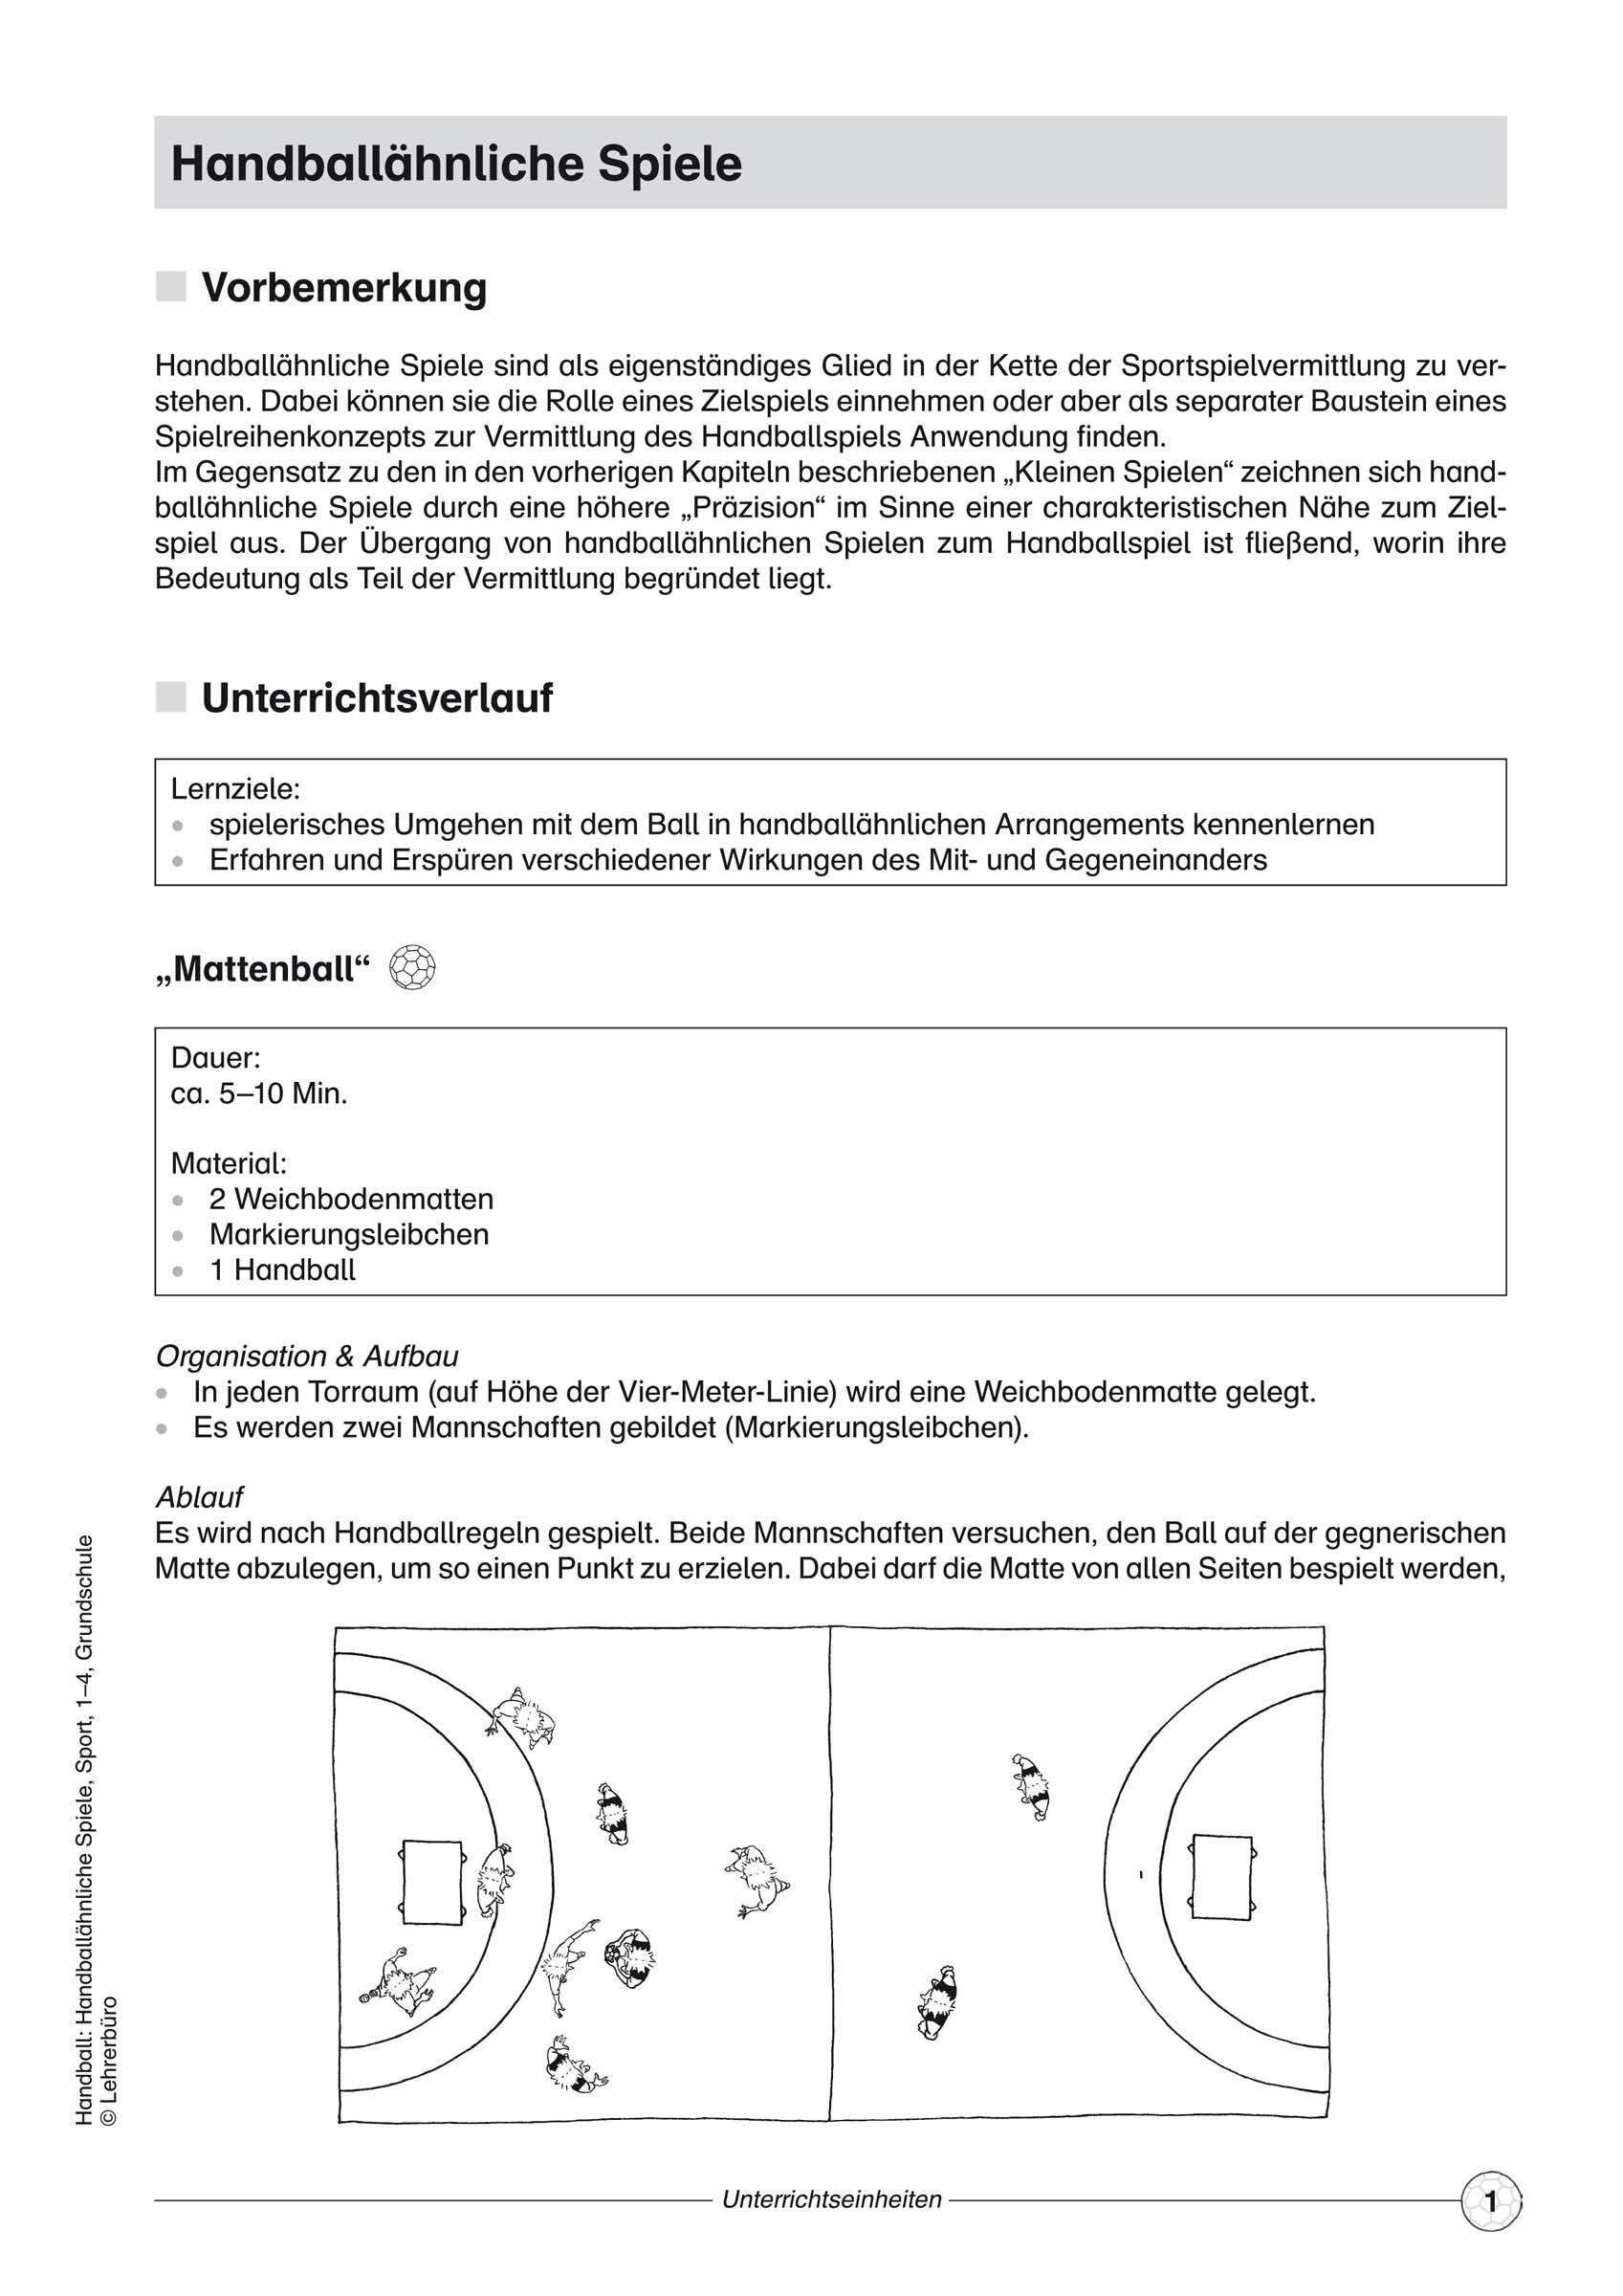 Großartig Grad 4 Mathematik Arbeitsblatt Fotos - Gemischte Übungen ...